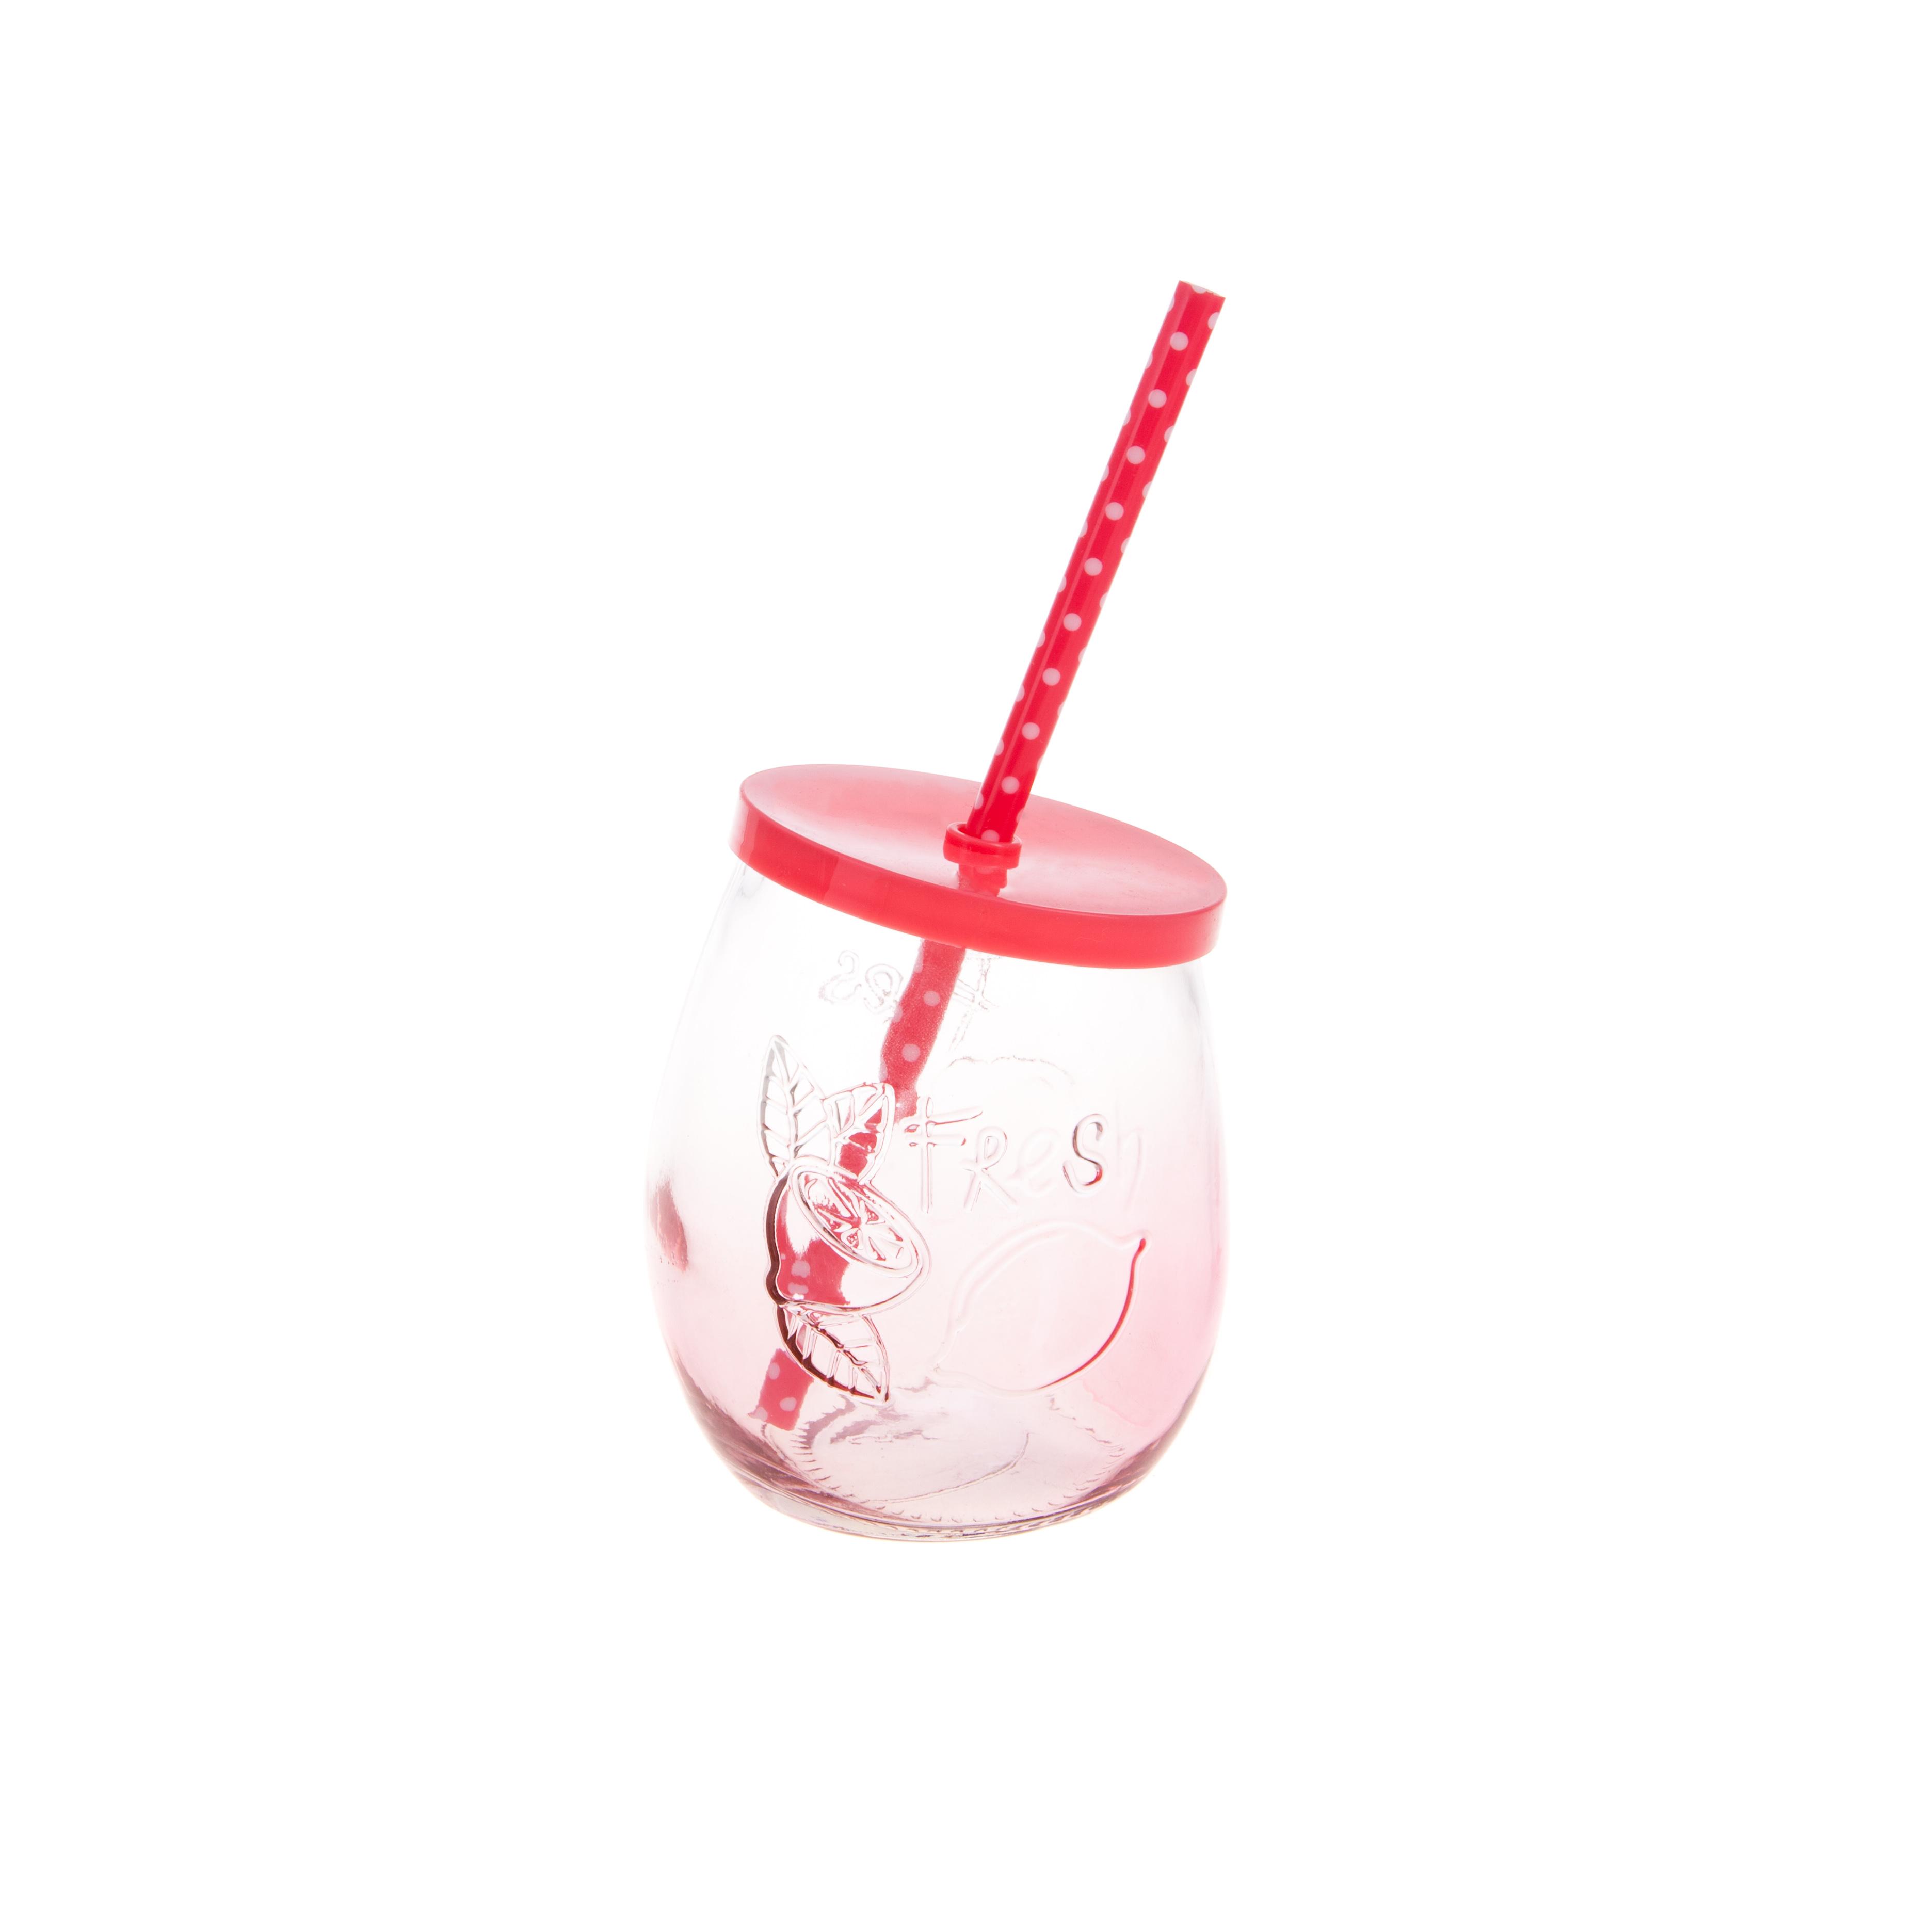 Купить Набор стаканов Hoff Interieur 4 шт, Германия, розовый, стекло, пластик